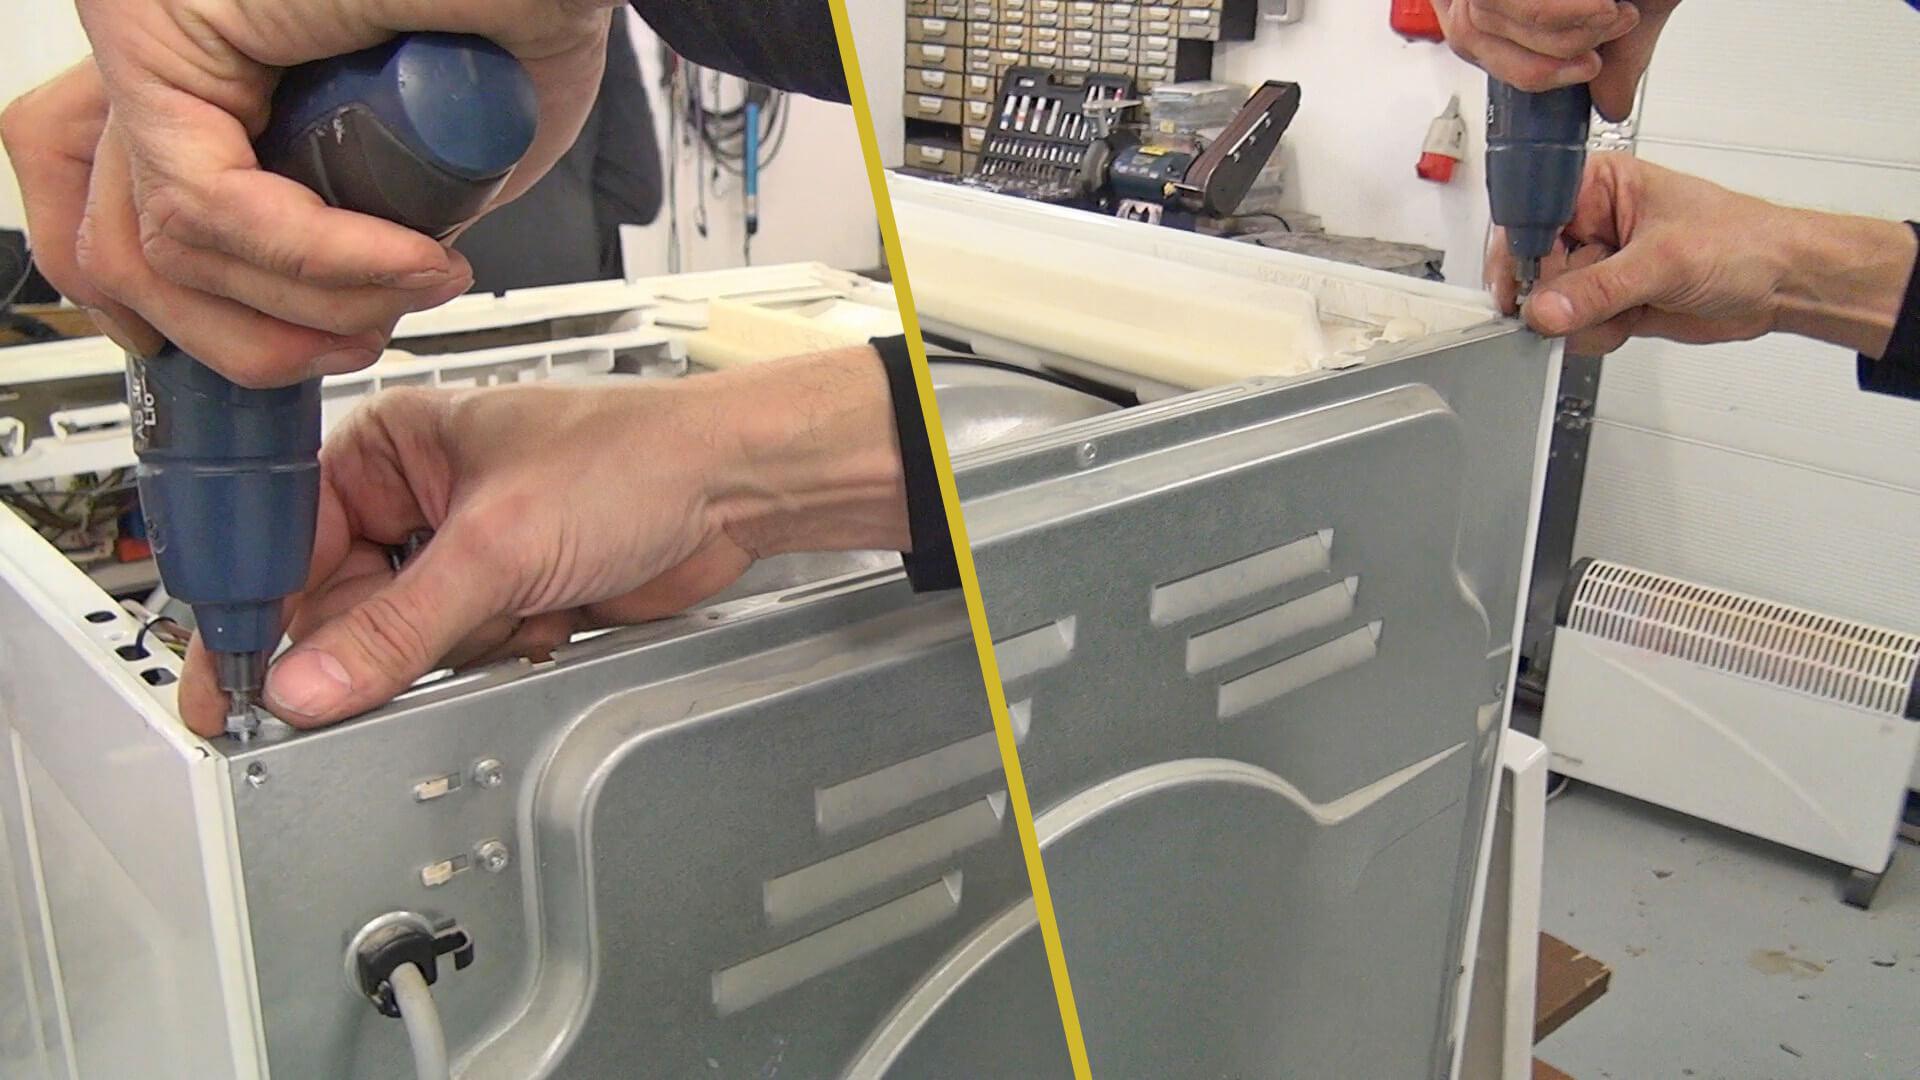 Obere Schrauben der hinteren Geräteabdeckung entfernen